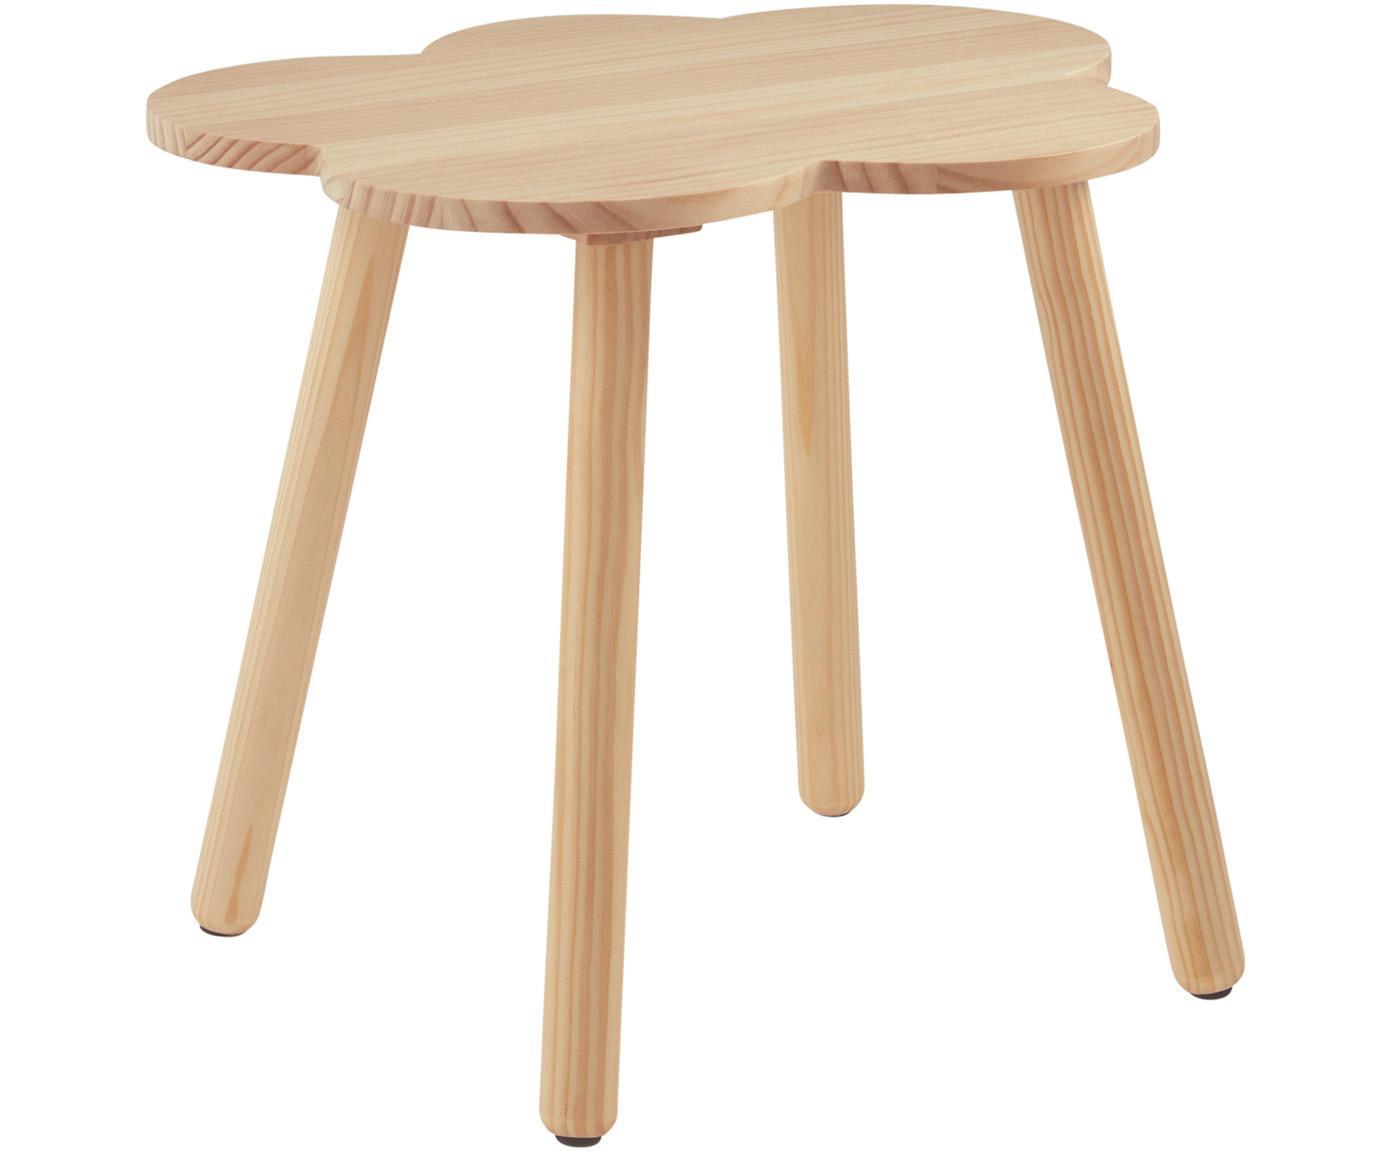 Stolik dla dzieci Cloud, Drewno sosnowe, Brązowy, Ø 48 x W 42 cm